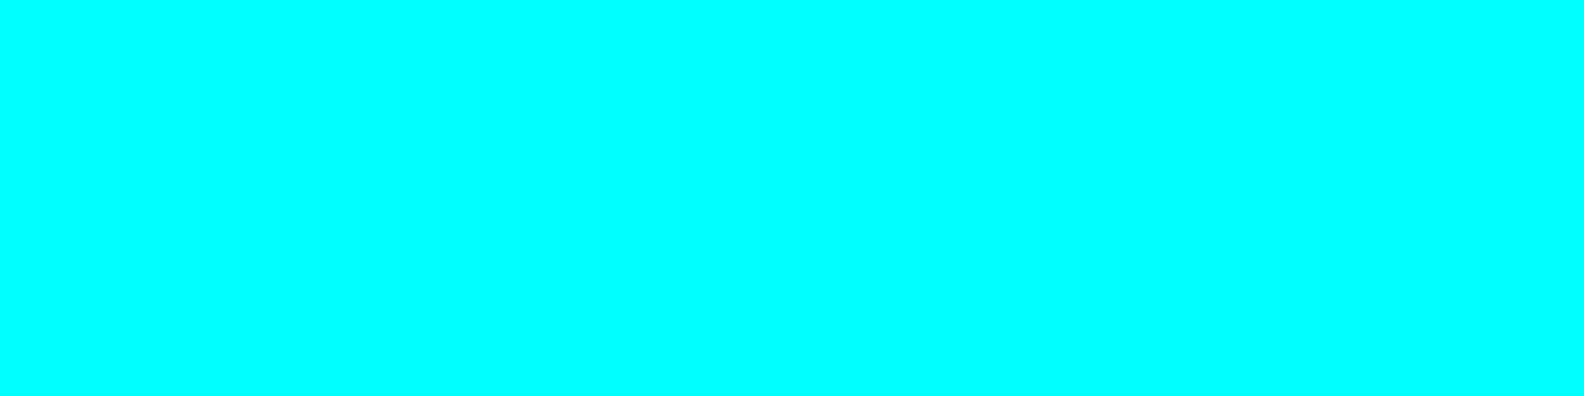 1584x396 Aqua Solid Color Background